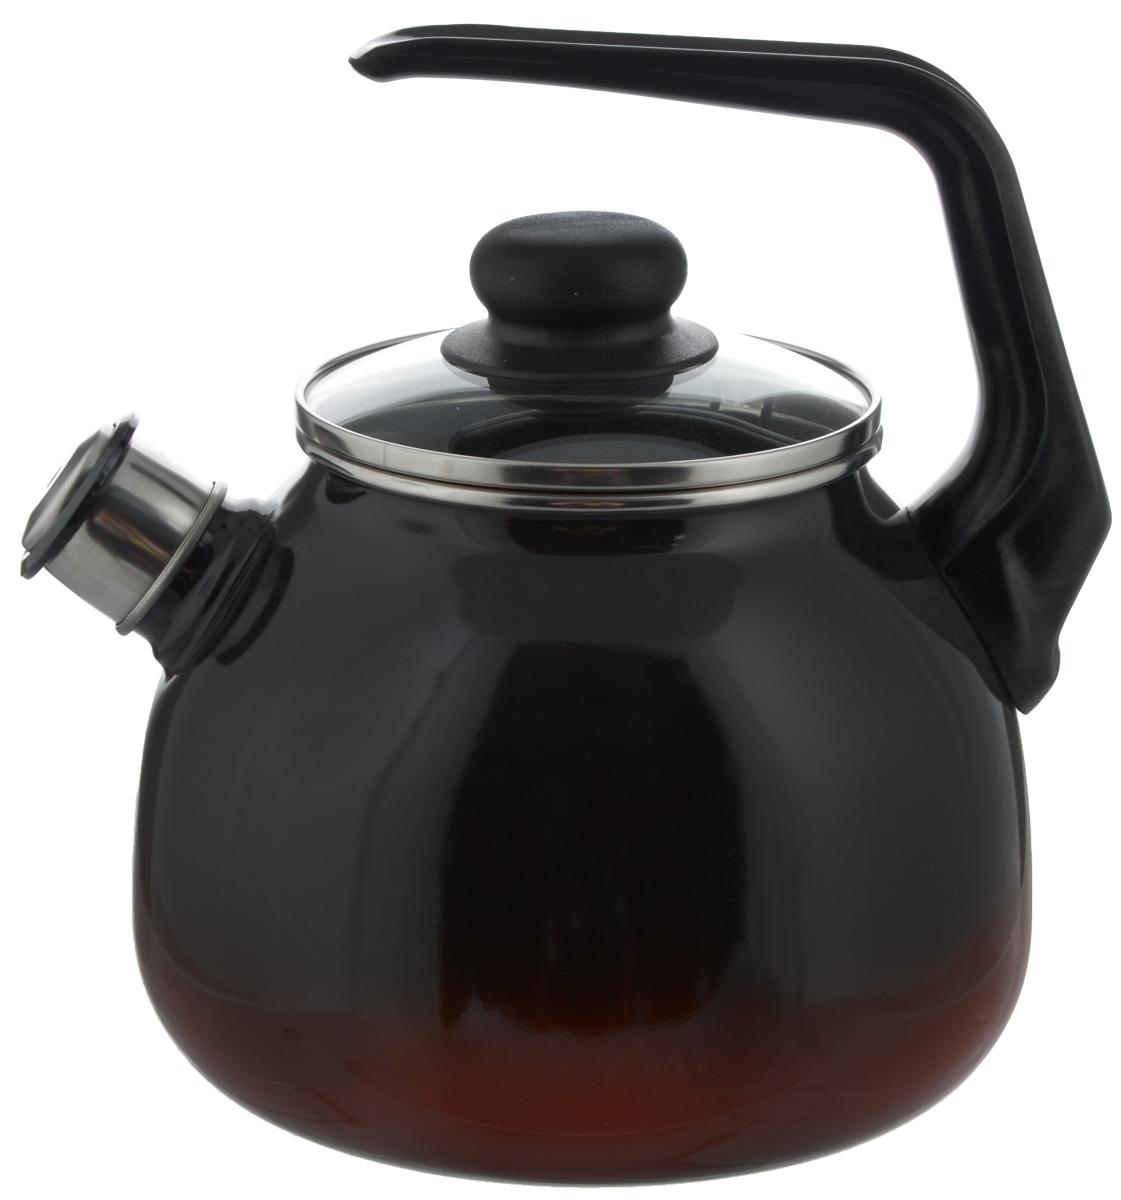 Чайник СтальЭмаль Кармен, со свистком, цвет: черный, красный, 3 лVT-1520(SR)Чайник СтальЭмаль Кармен изготовлен из высококачественной нержавеющей стали с эмалированным покрытием. Нержавеющая сталь обладает высокой устойчивостью к коррозии, не вступает в реакцию с холодными и горячими продуктами и полностью сохраняет их вкусовые качества. Особая конструкция дна способствует высокой теплопроводности и равномерному распределению тепла. Чайник оснащен удобной ручкой. Носик чайника имеет снимающийся свисток, звуковой сигнал которого подскажет, когда закипит вода. Подходит для всех типов плит, включая индукционные. Можно мыть в посудомоечной машине.Диаметр чайника (по верхнему краю): 12,5 см.Высота чайника (без учета ручки и крышки): 15 см.Высота чайника (с учетом ручки): 23 см.